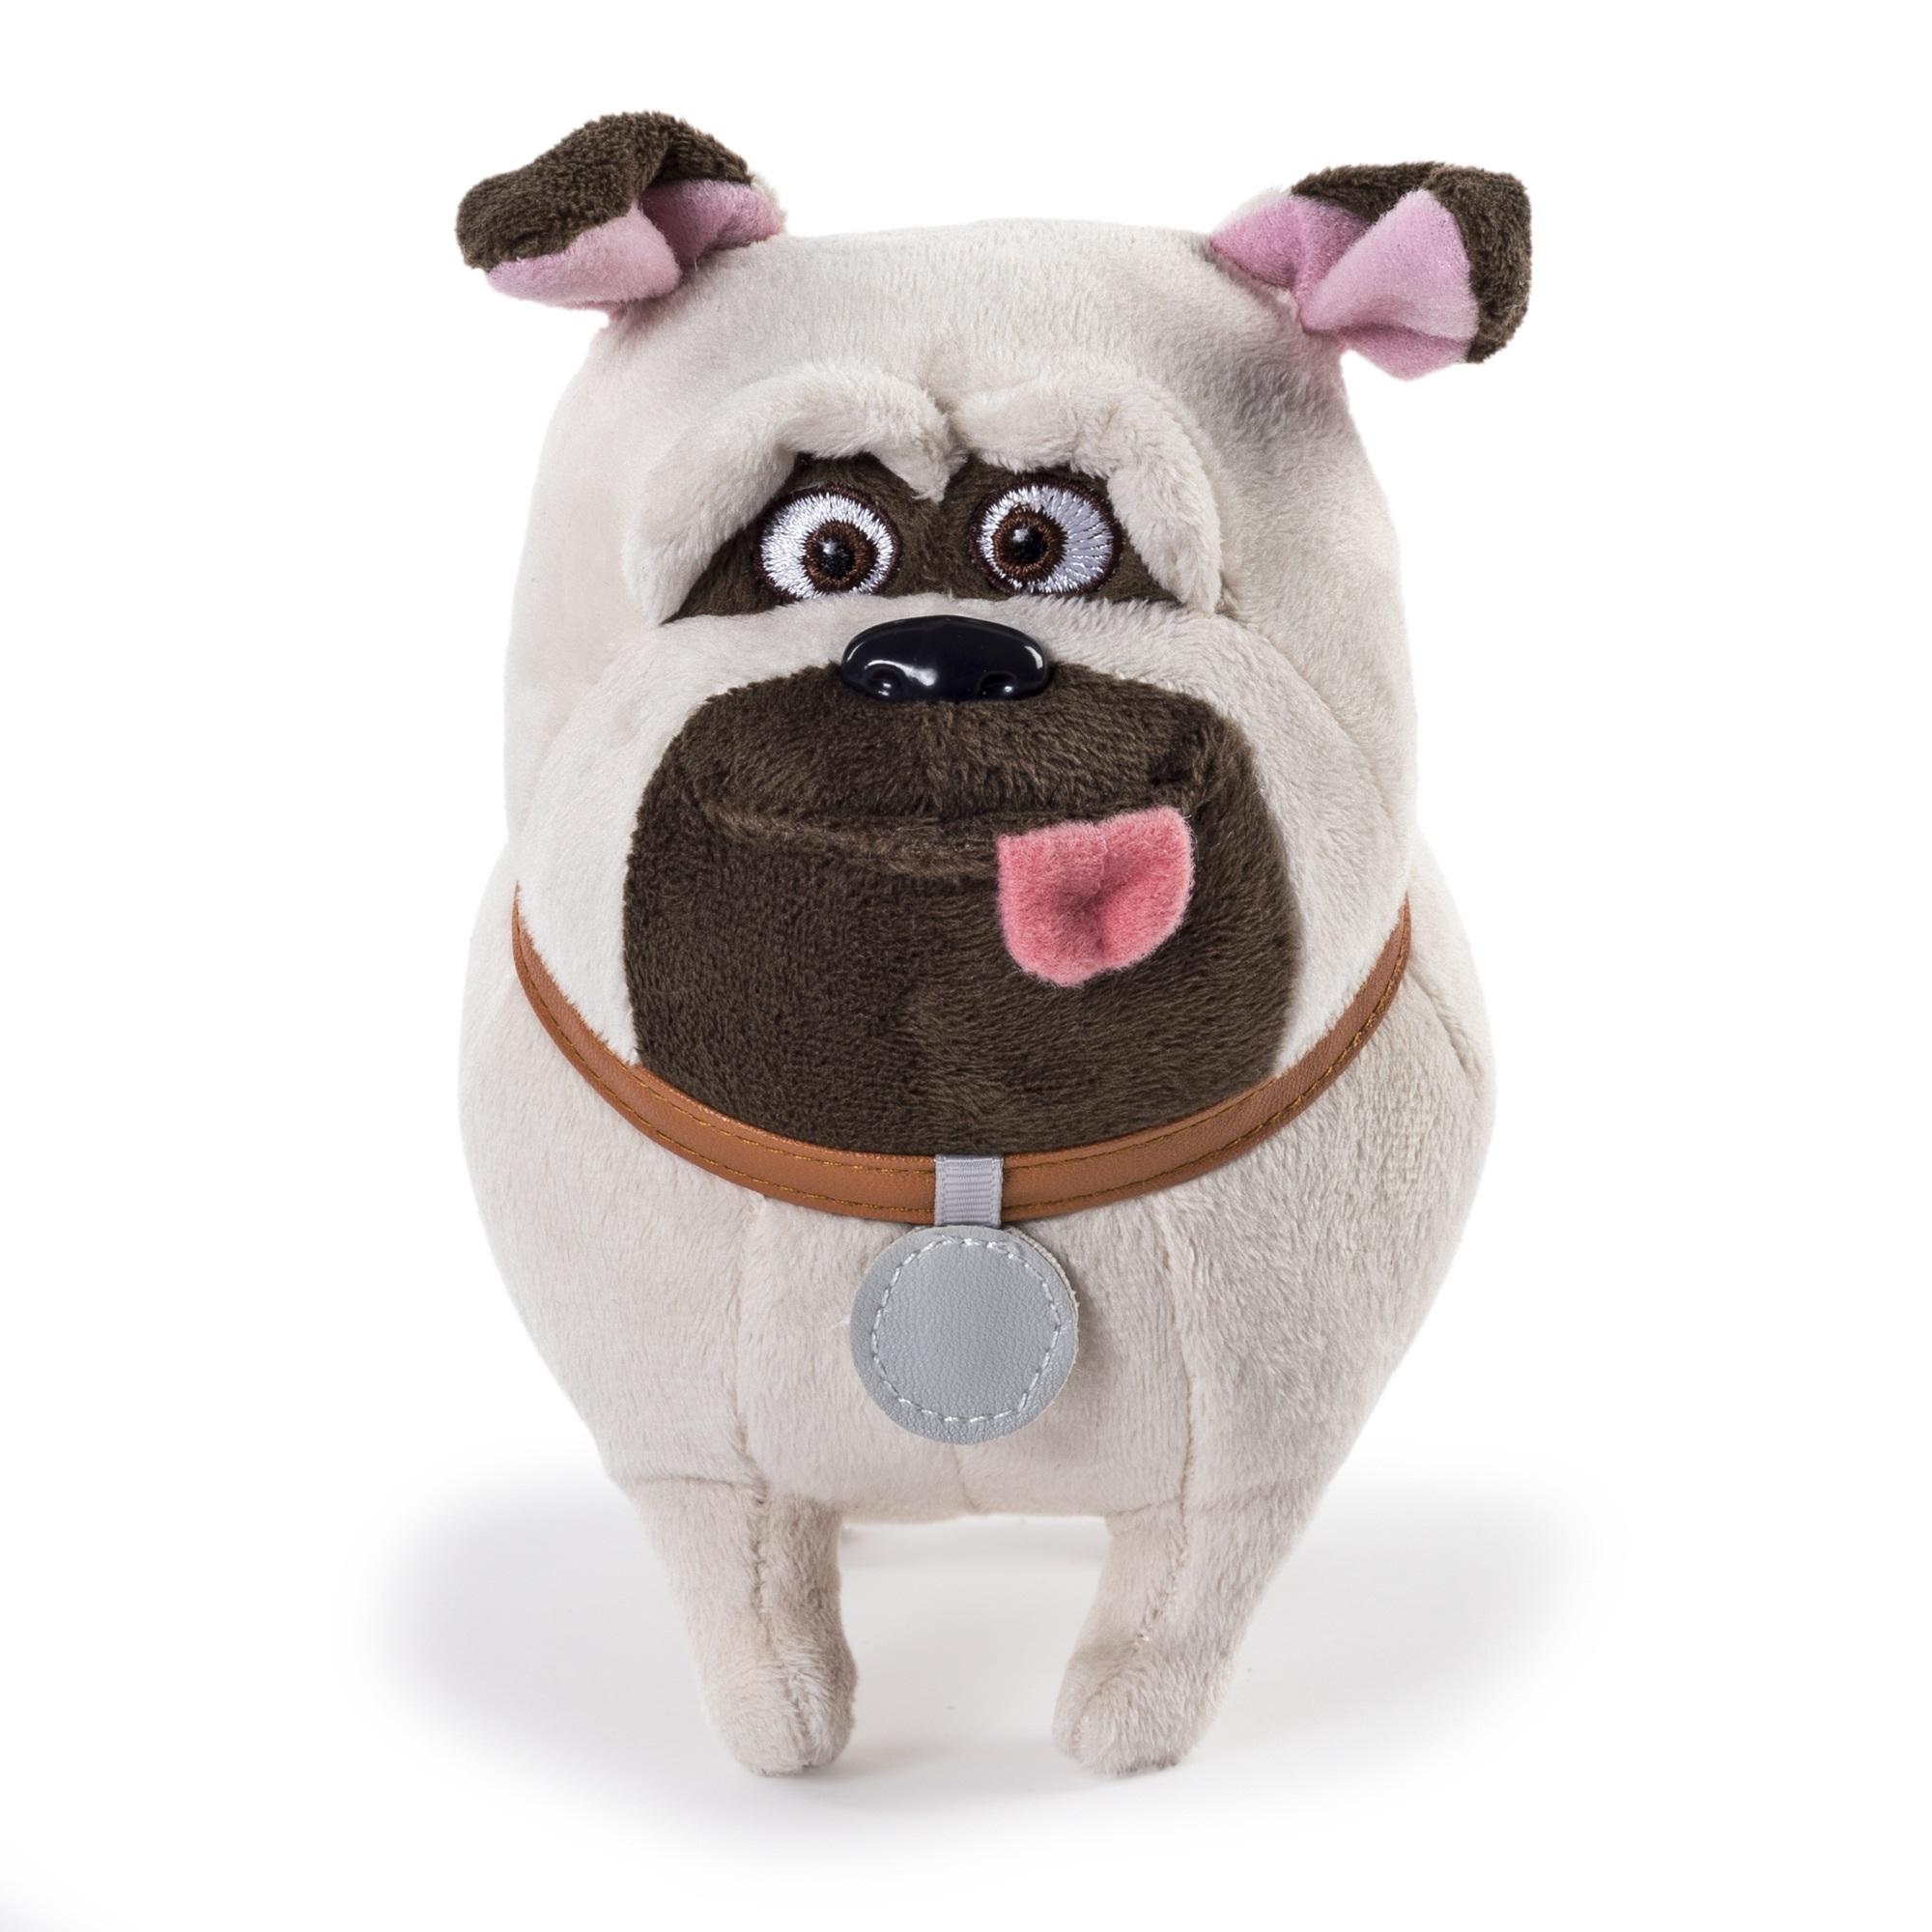 Мягкая игрушка Тайная жизнь домашних животных (Secret Life Of Pets). Мопс Мел (15 см)Представляем вашему вниманию мягкую игрушку Тайная жизнь домашних животных (Secret Life Of Pets). Мопс Мел, воплощающую собой одного из персонажей мультфильма «Тайная жизнь домашних животных».<br>